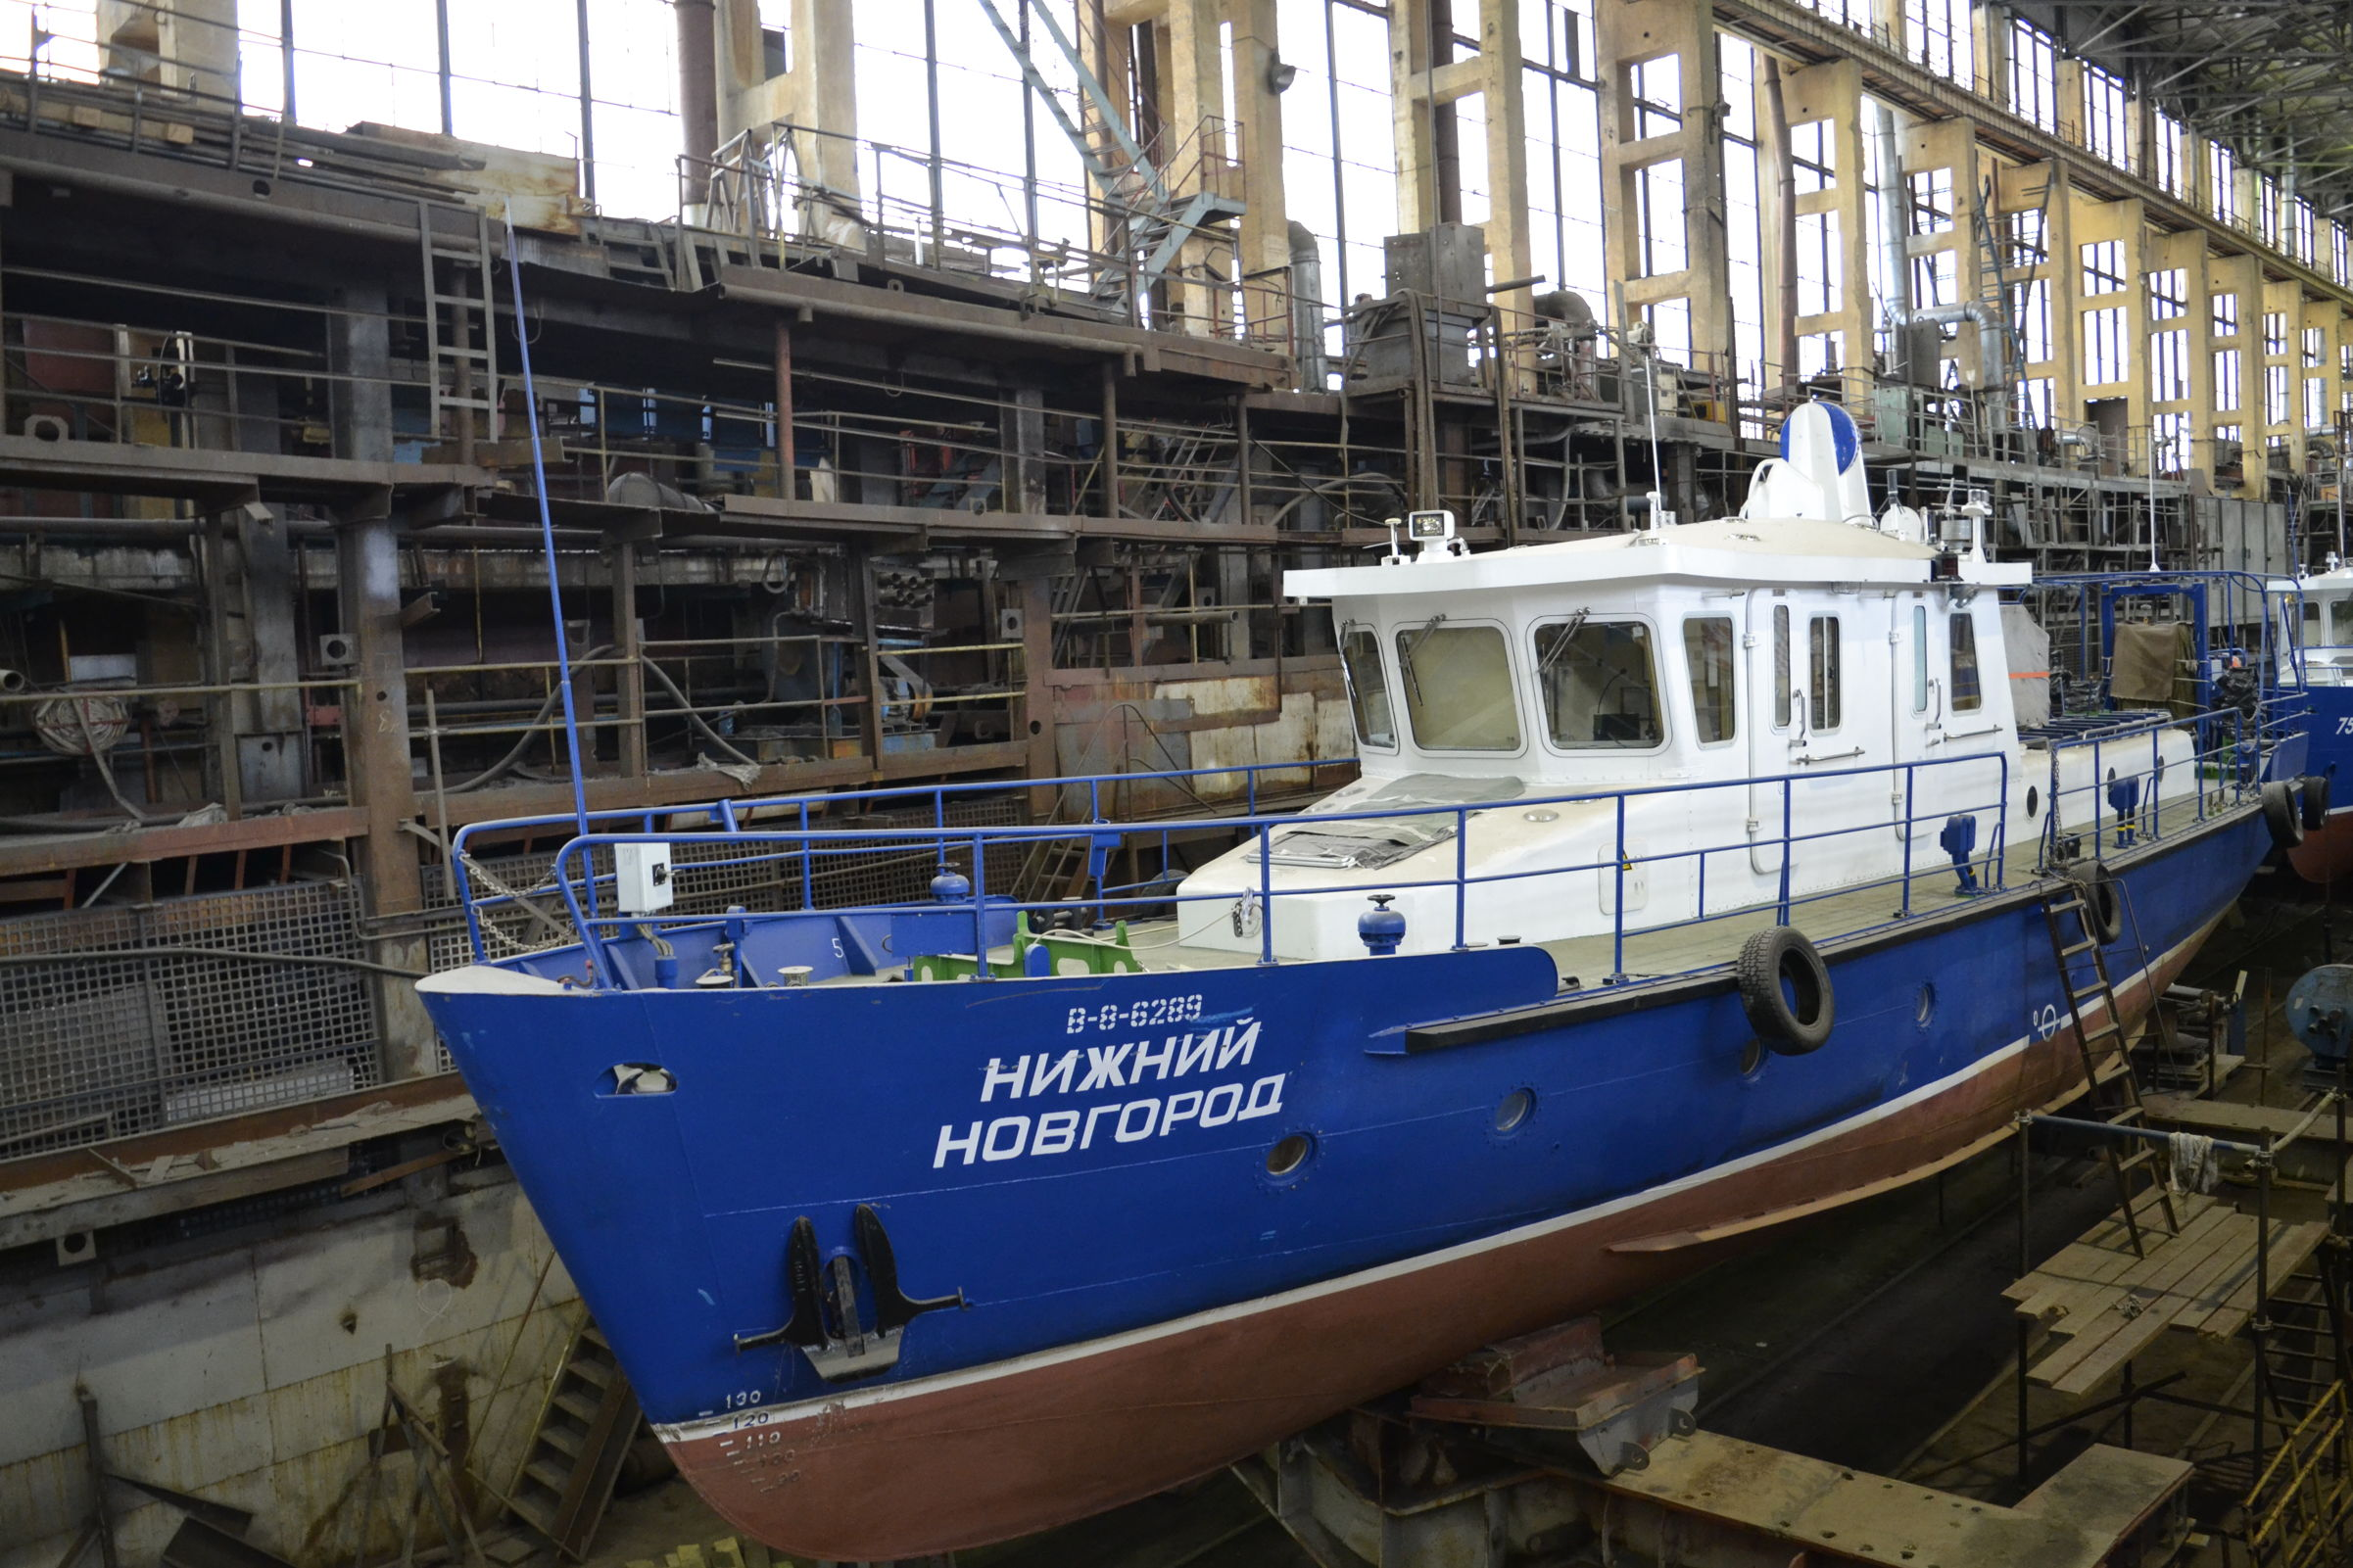 Дмитрий Миронов поздравил судостроительный завод с вековым юбилеем